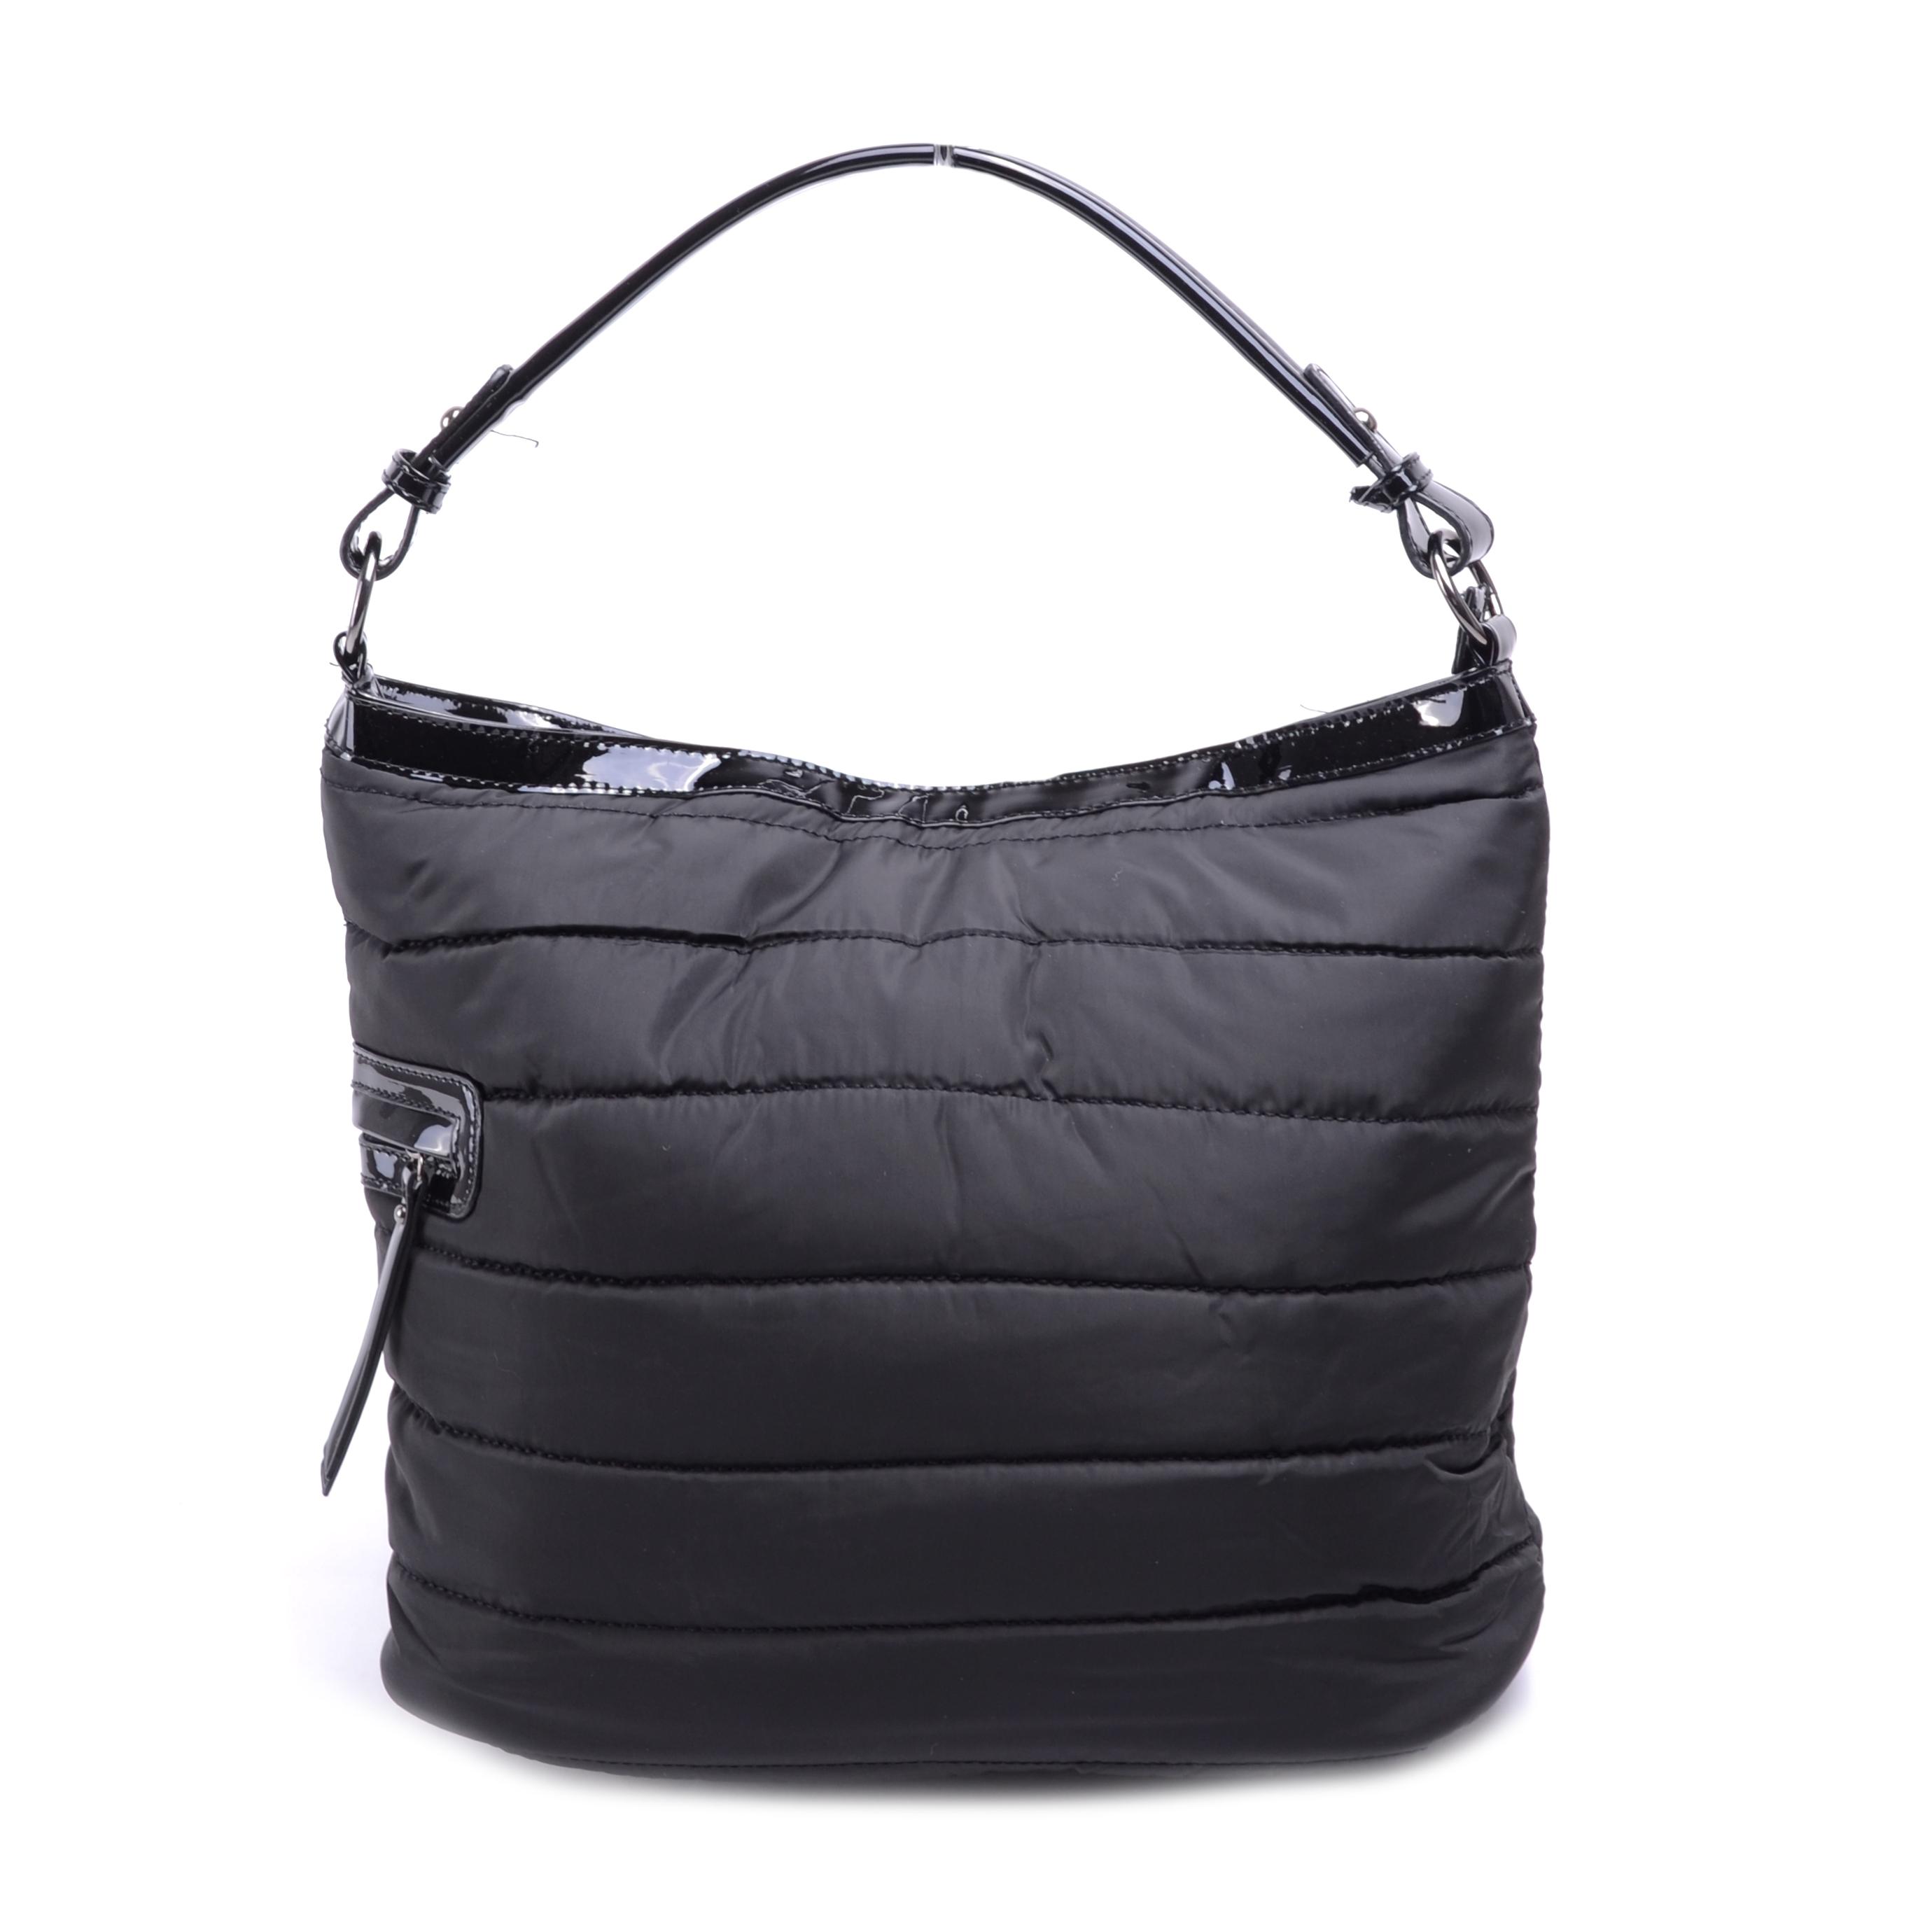 Besty Női Vízhatlan Pvc Válltáska Fekete - Válltáskák - Táska webáruház -  Minőségi táskák mindenkinek 4f8691ba7d